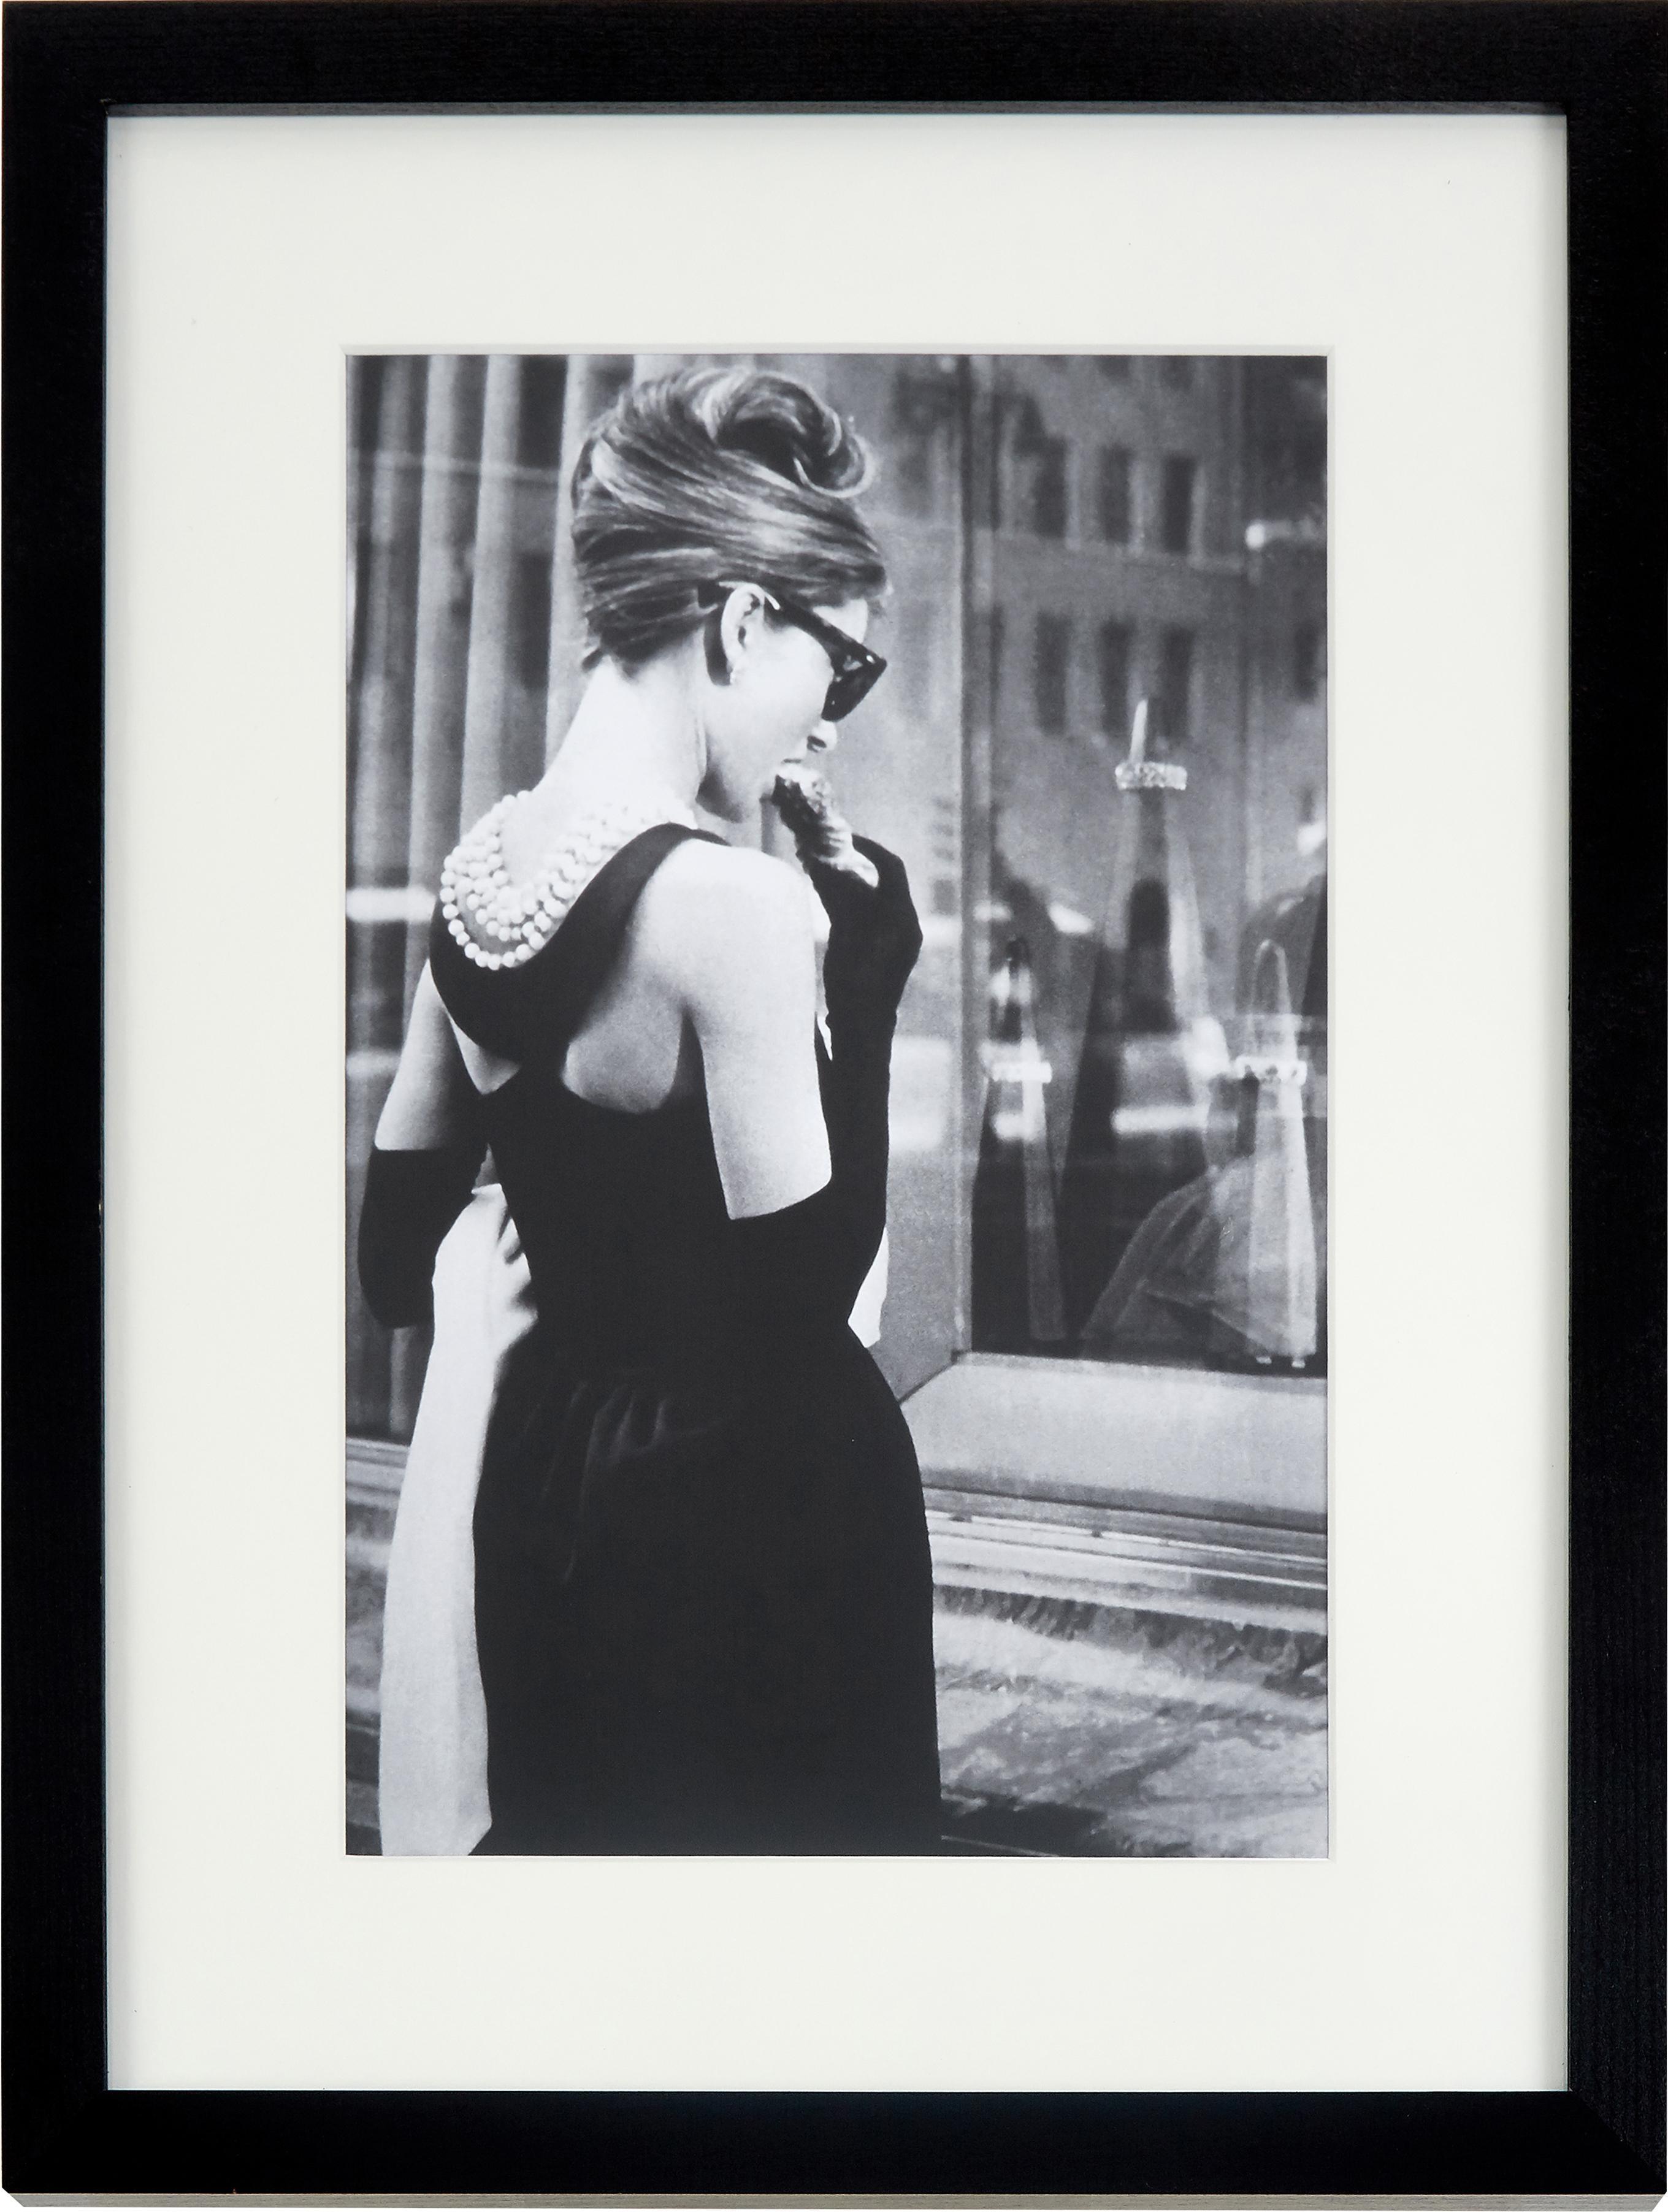 Stampa digitale incorniciata Breakfast at Tiffany's, Immagine: stampa digitale su carta,, Cornice: legno verniciato, Foto: nero, bianco Cornice: nero, Larg. 43 x Alt. 53 cm